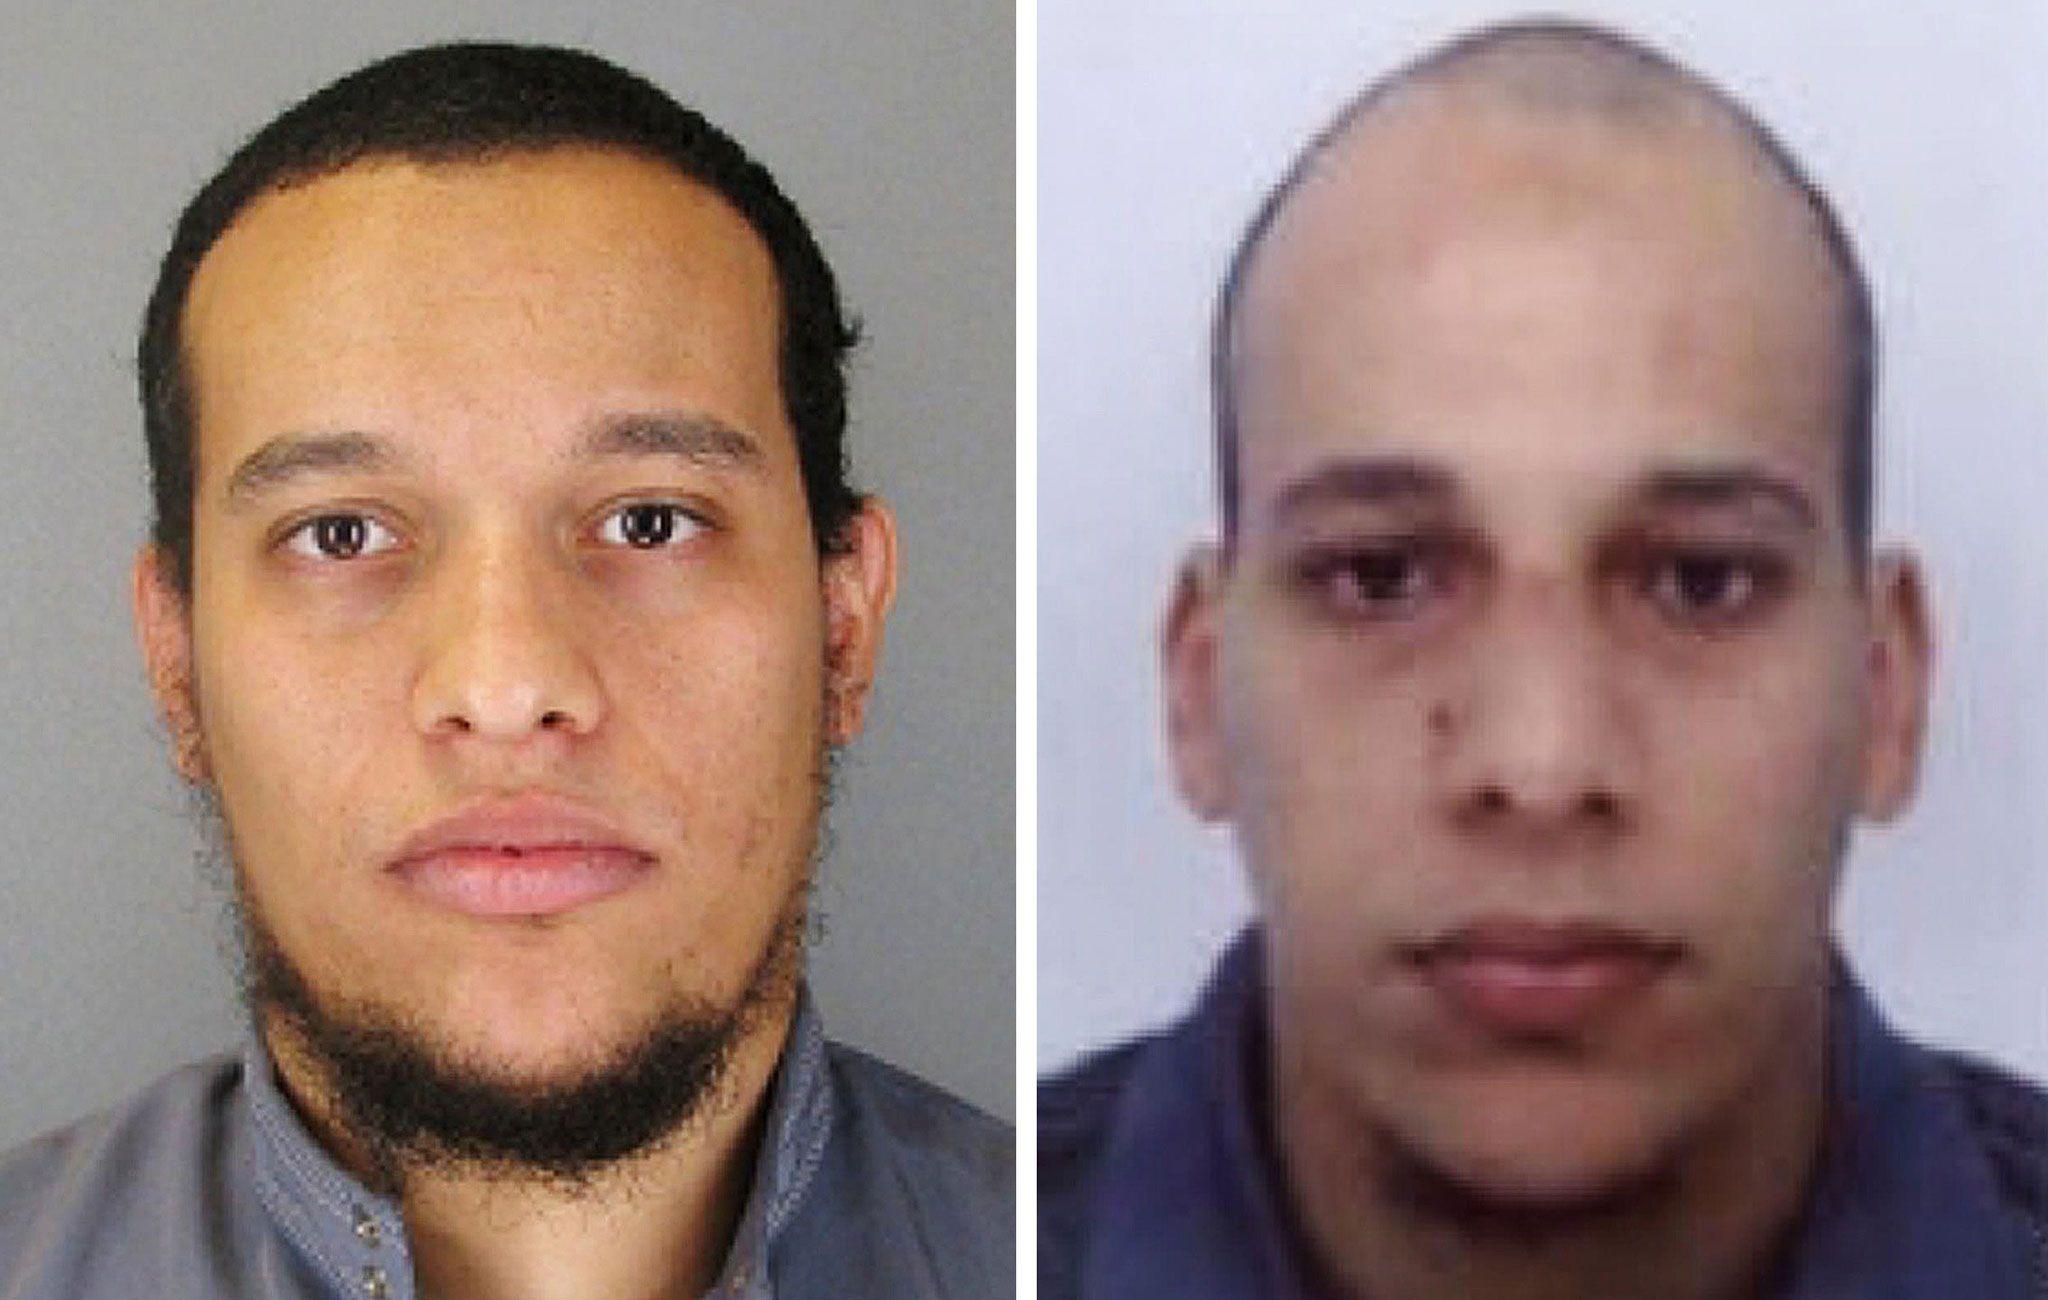 Strage Charlie Hedbo: blitz delle teste di cuoio, morti i due terroristi!